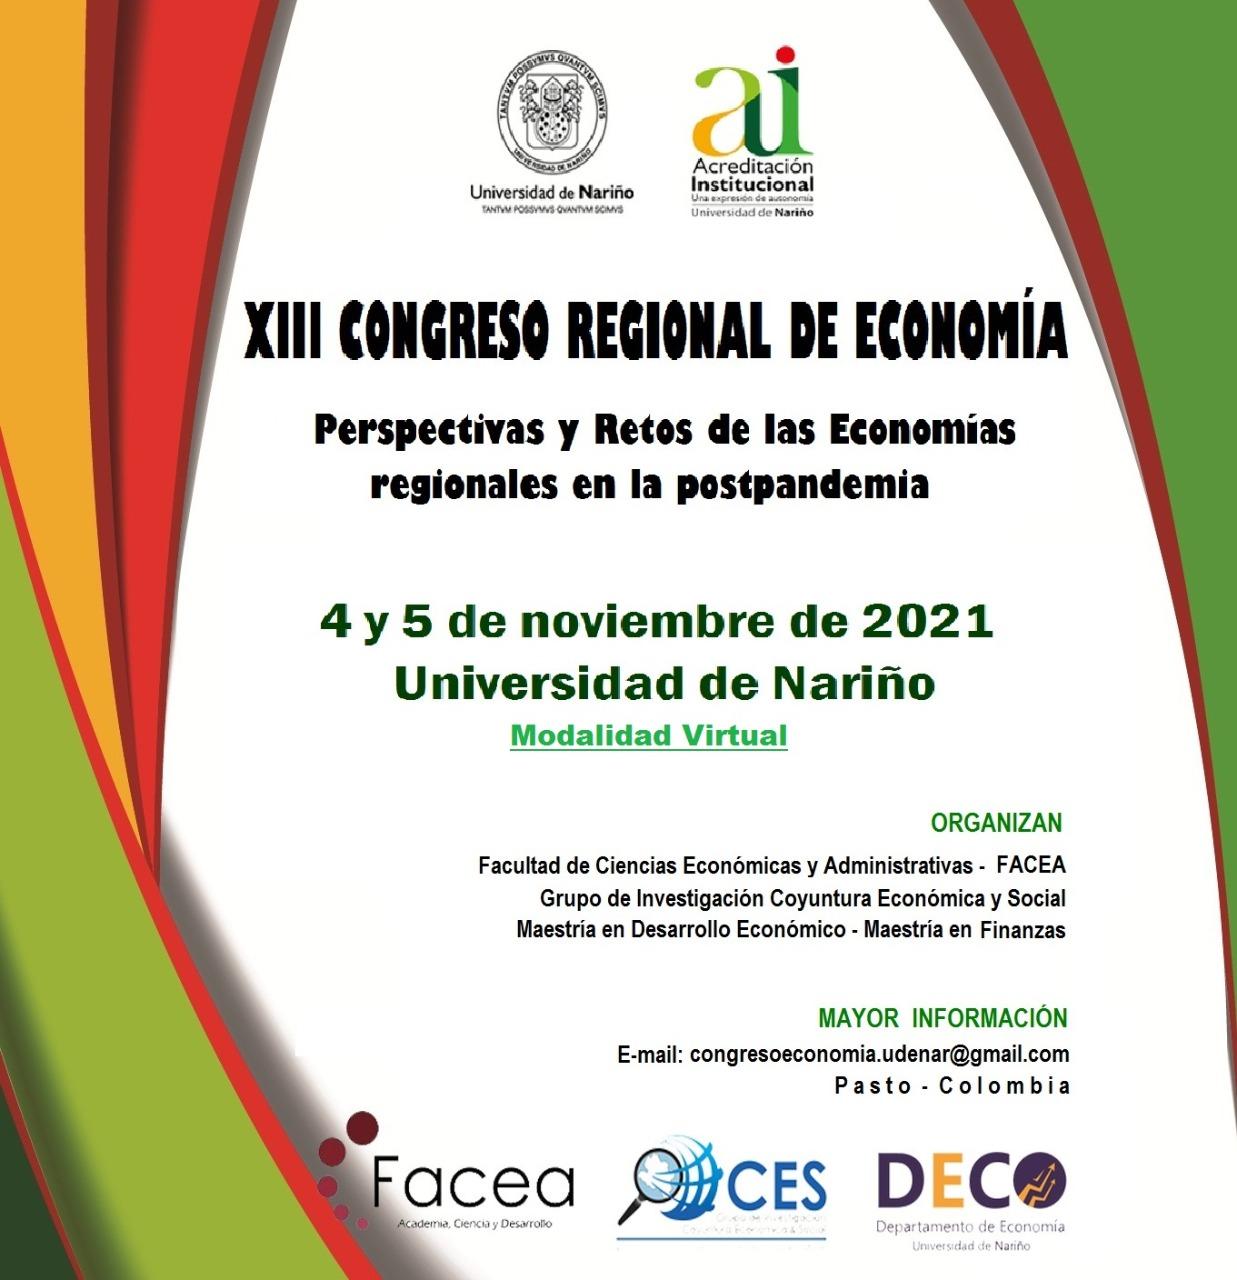 XIII CONGRESO REGIONAL DE ECONOMIA 2021